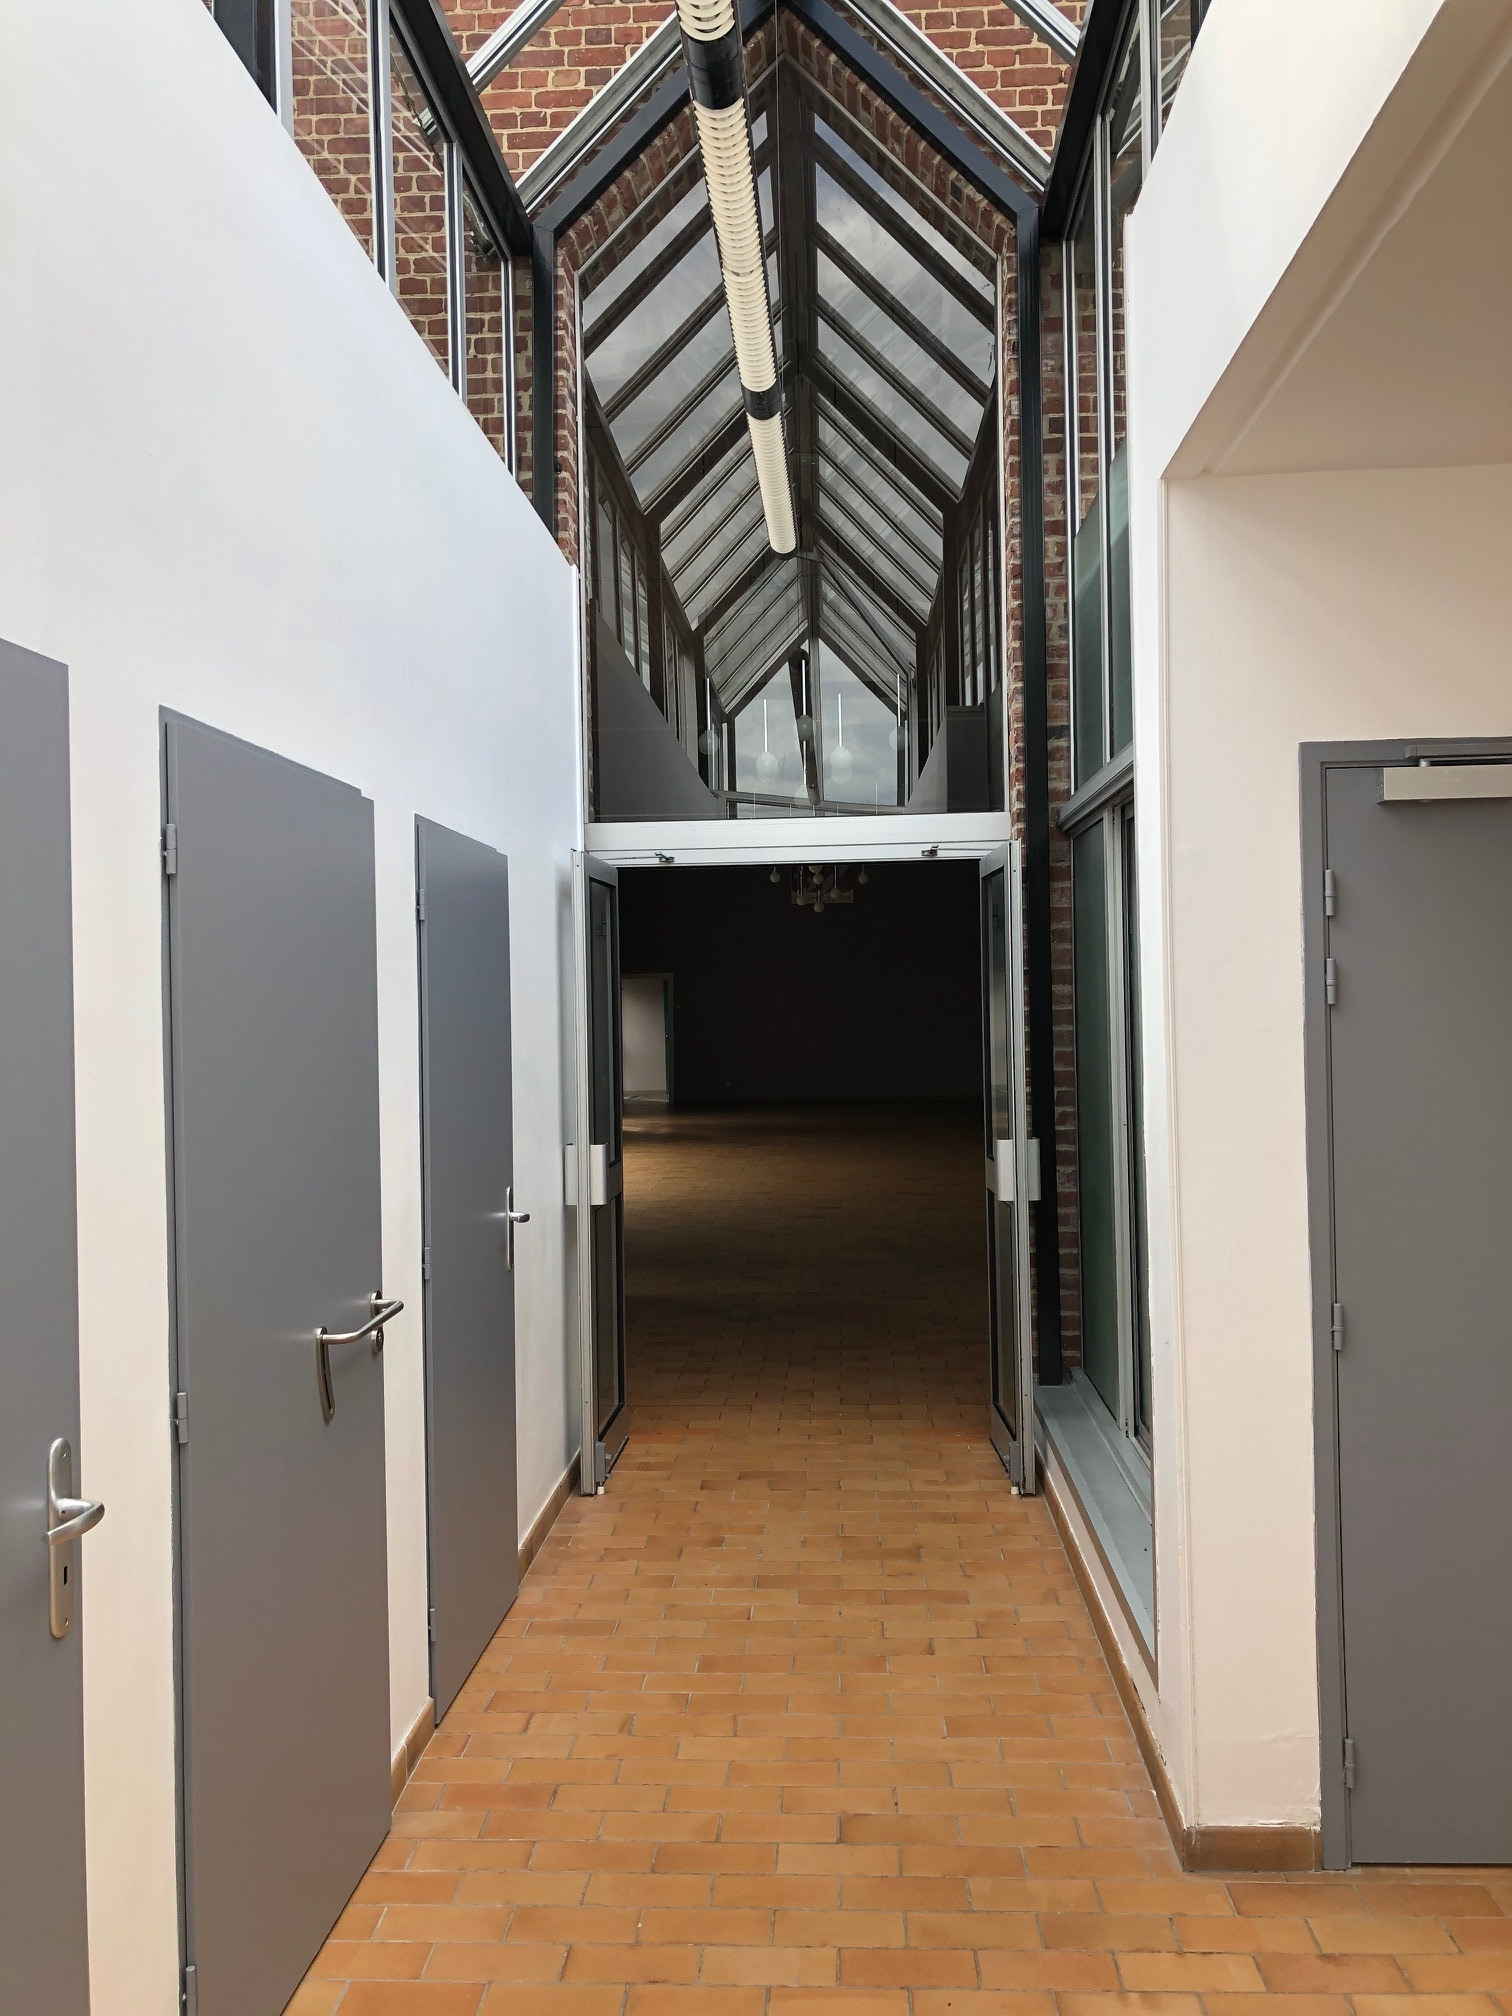 Salle des fetes interieur 1